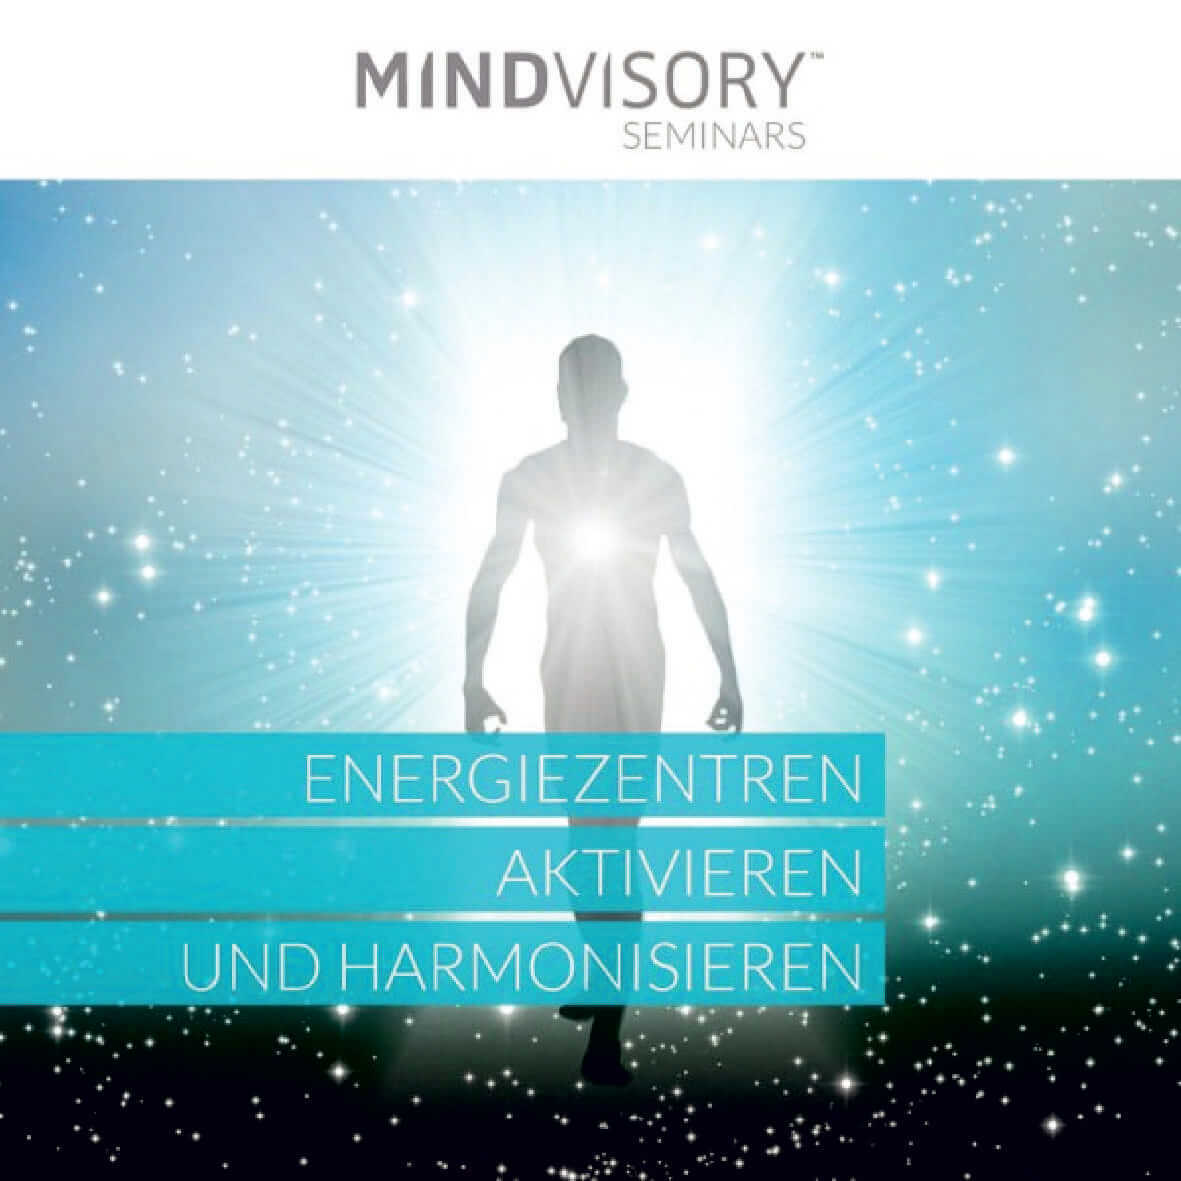 Mit einem Audiotraining deine Energiezentren aktivieren und harmonisieren